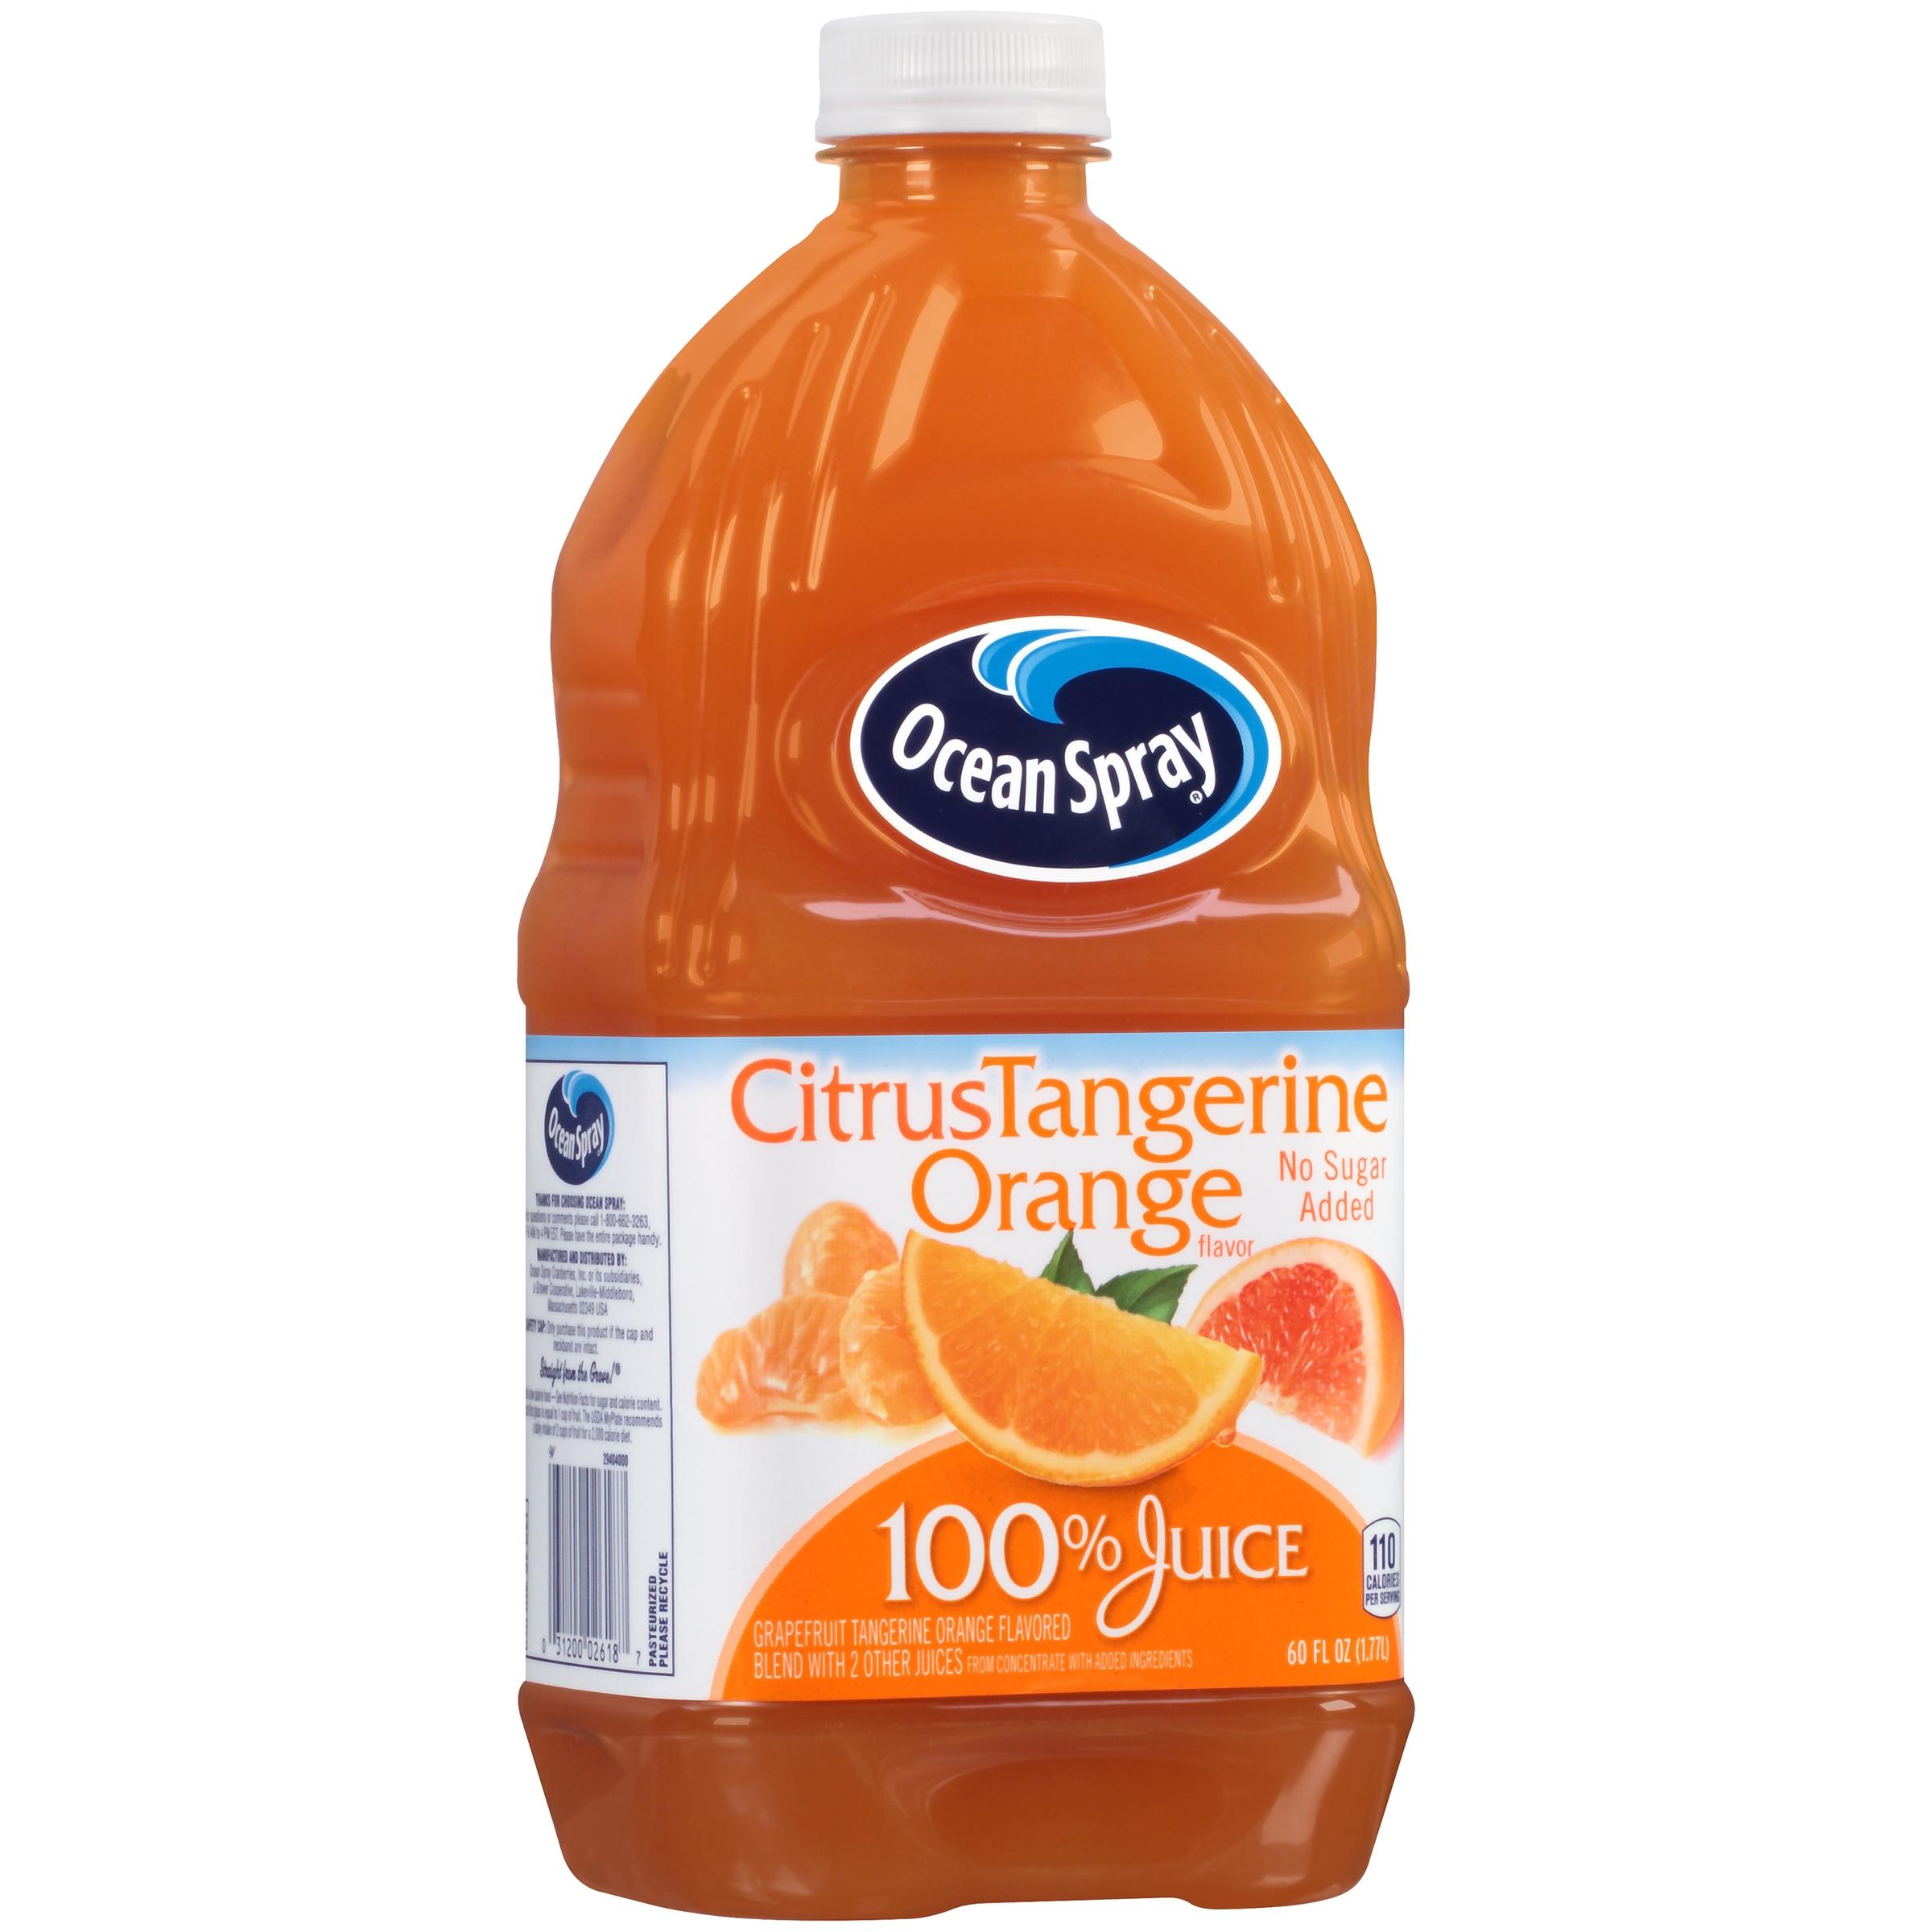 Ocean spray orange juice bottle